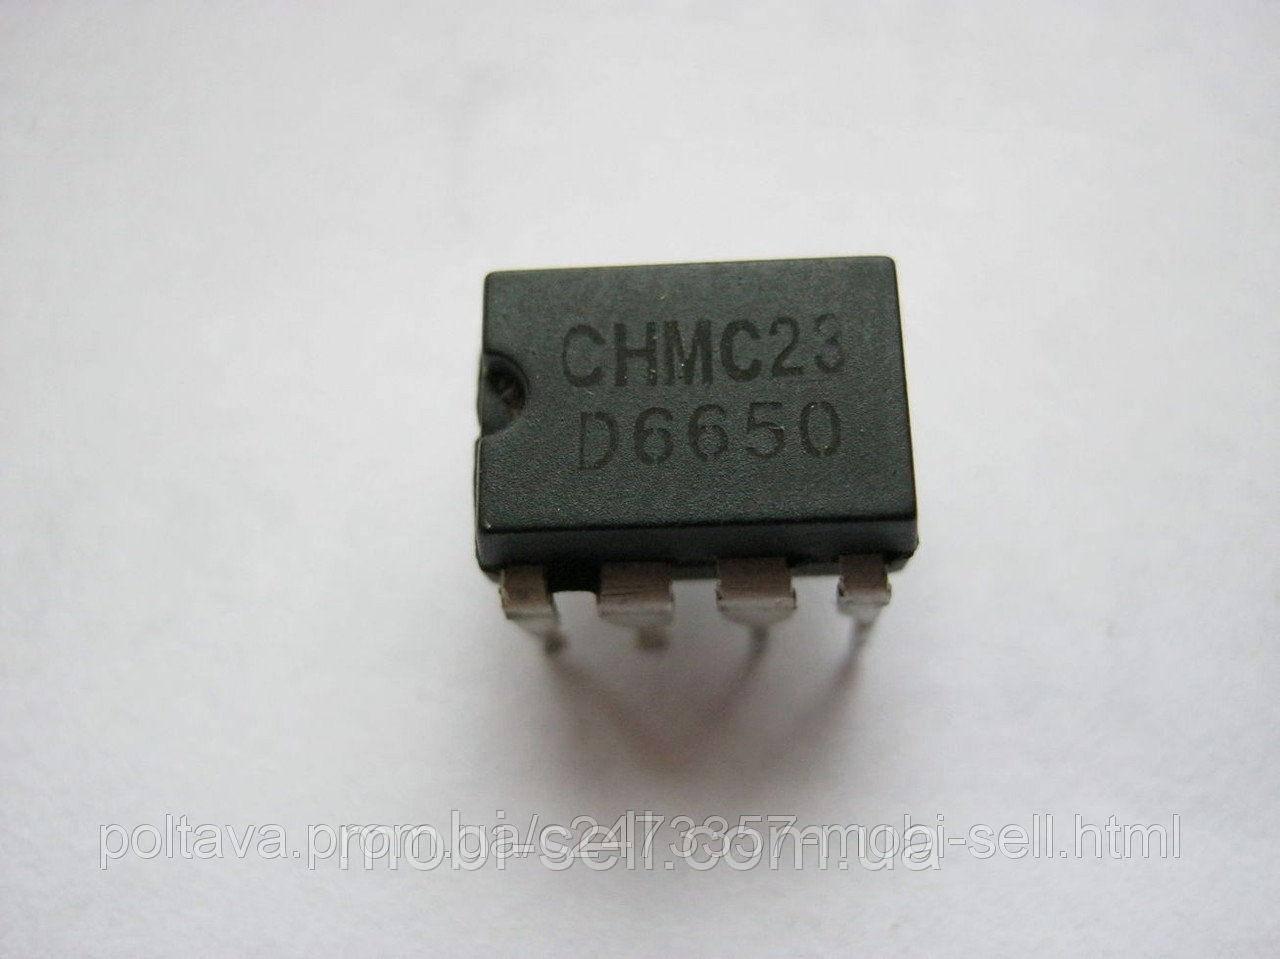 Микросхема D6650 - стабилизатор напряжения двигателя (магнитофон, плеер и т. п.)